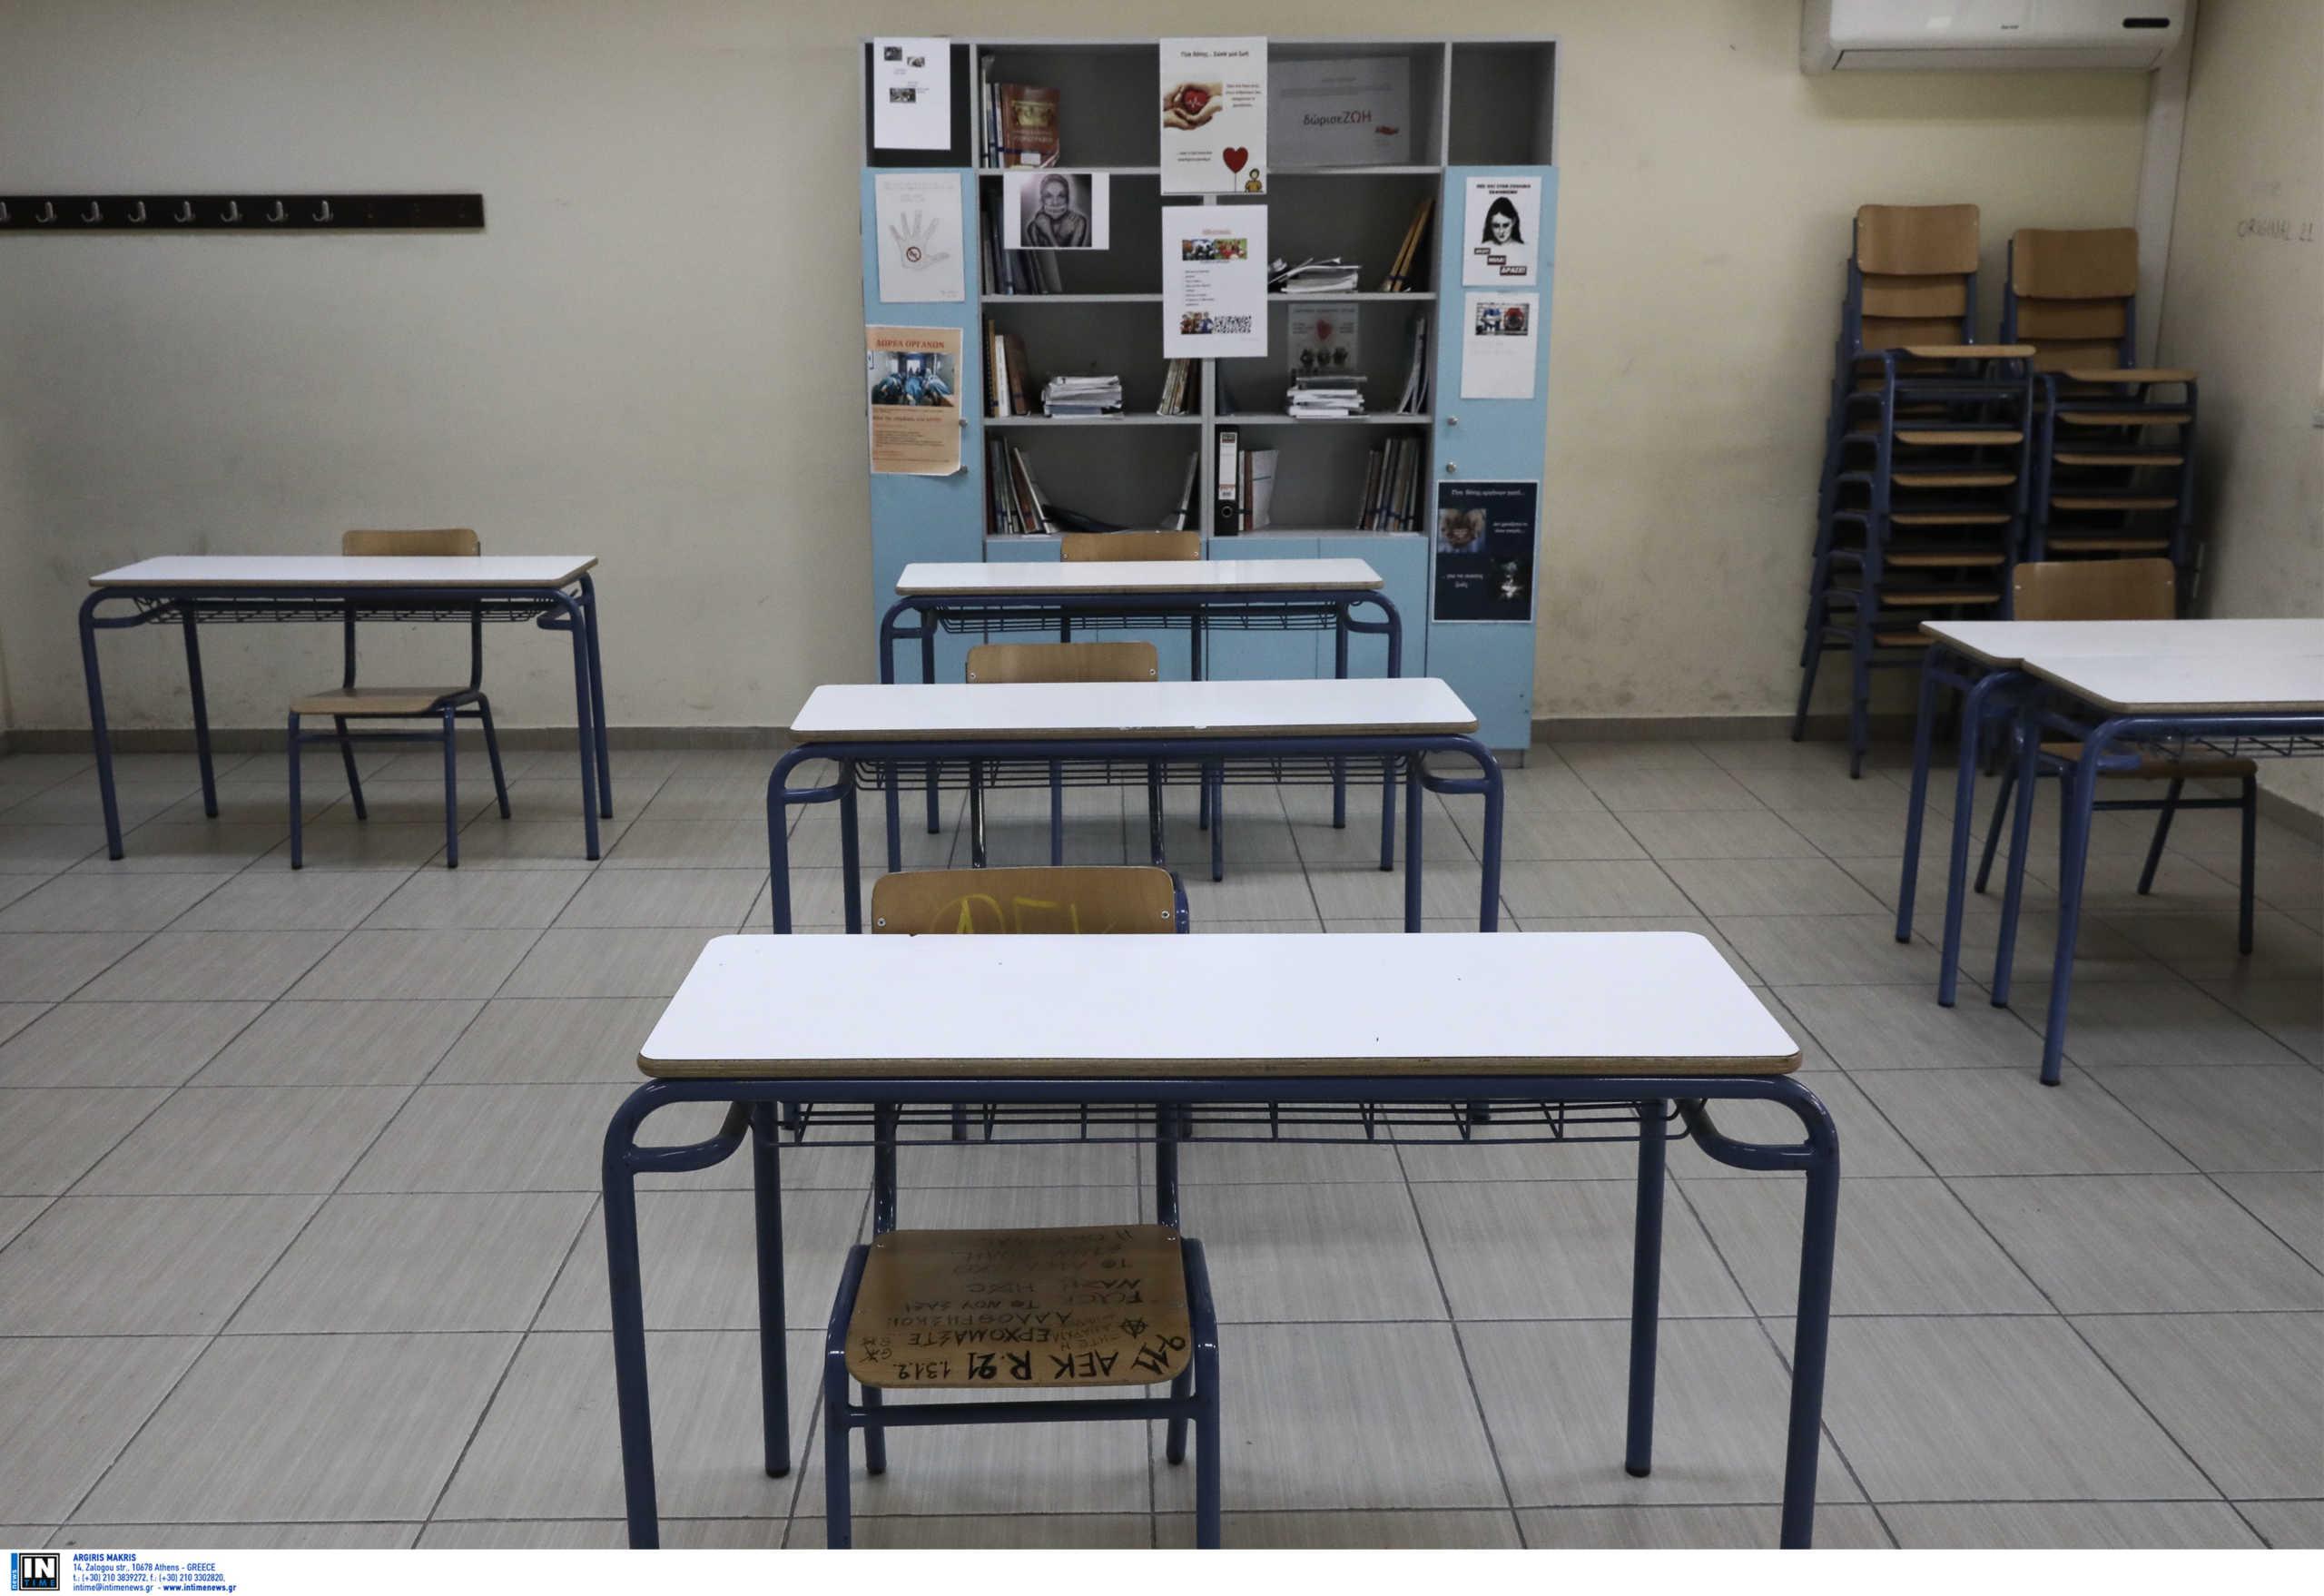 Σχολεία: Νέες αίθουσες, αποστάσεις και κανόνες στα διαλείμματα – Τι να προσέξουν οι γονείς των μαθητών